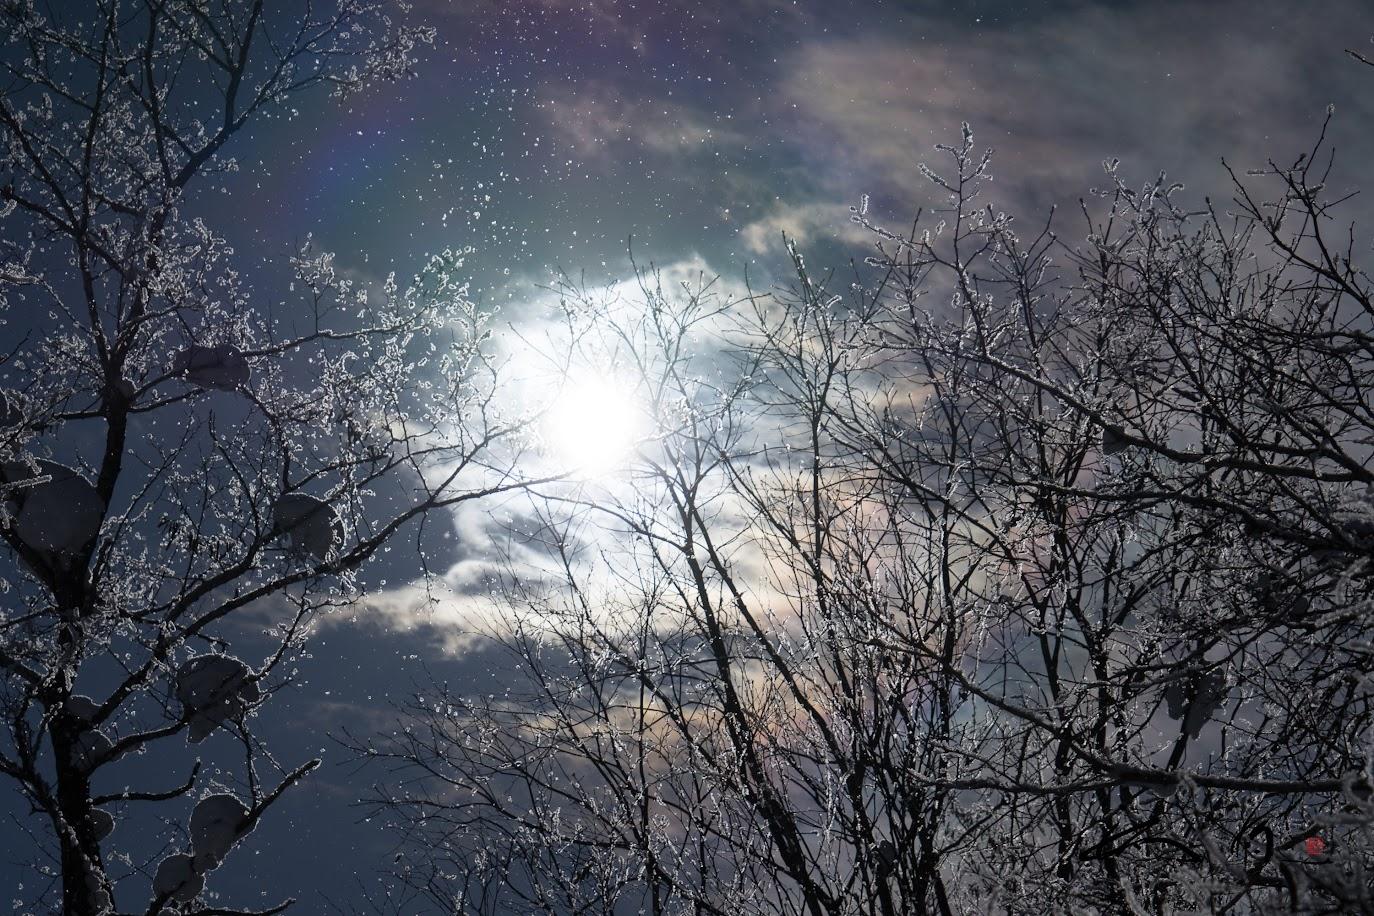 光と影、表裏一体の世界